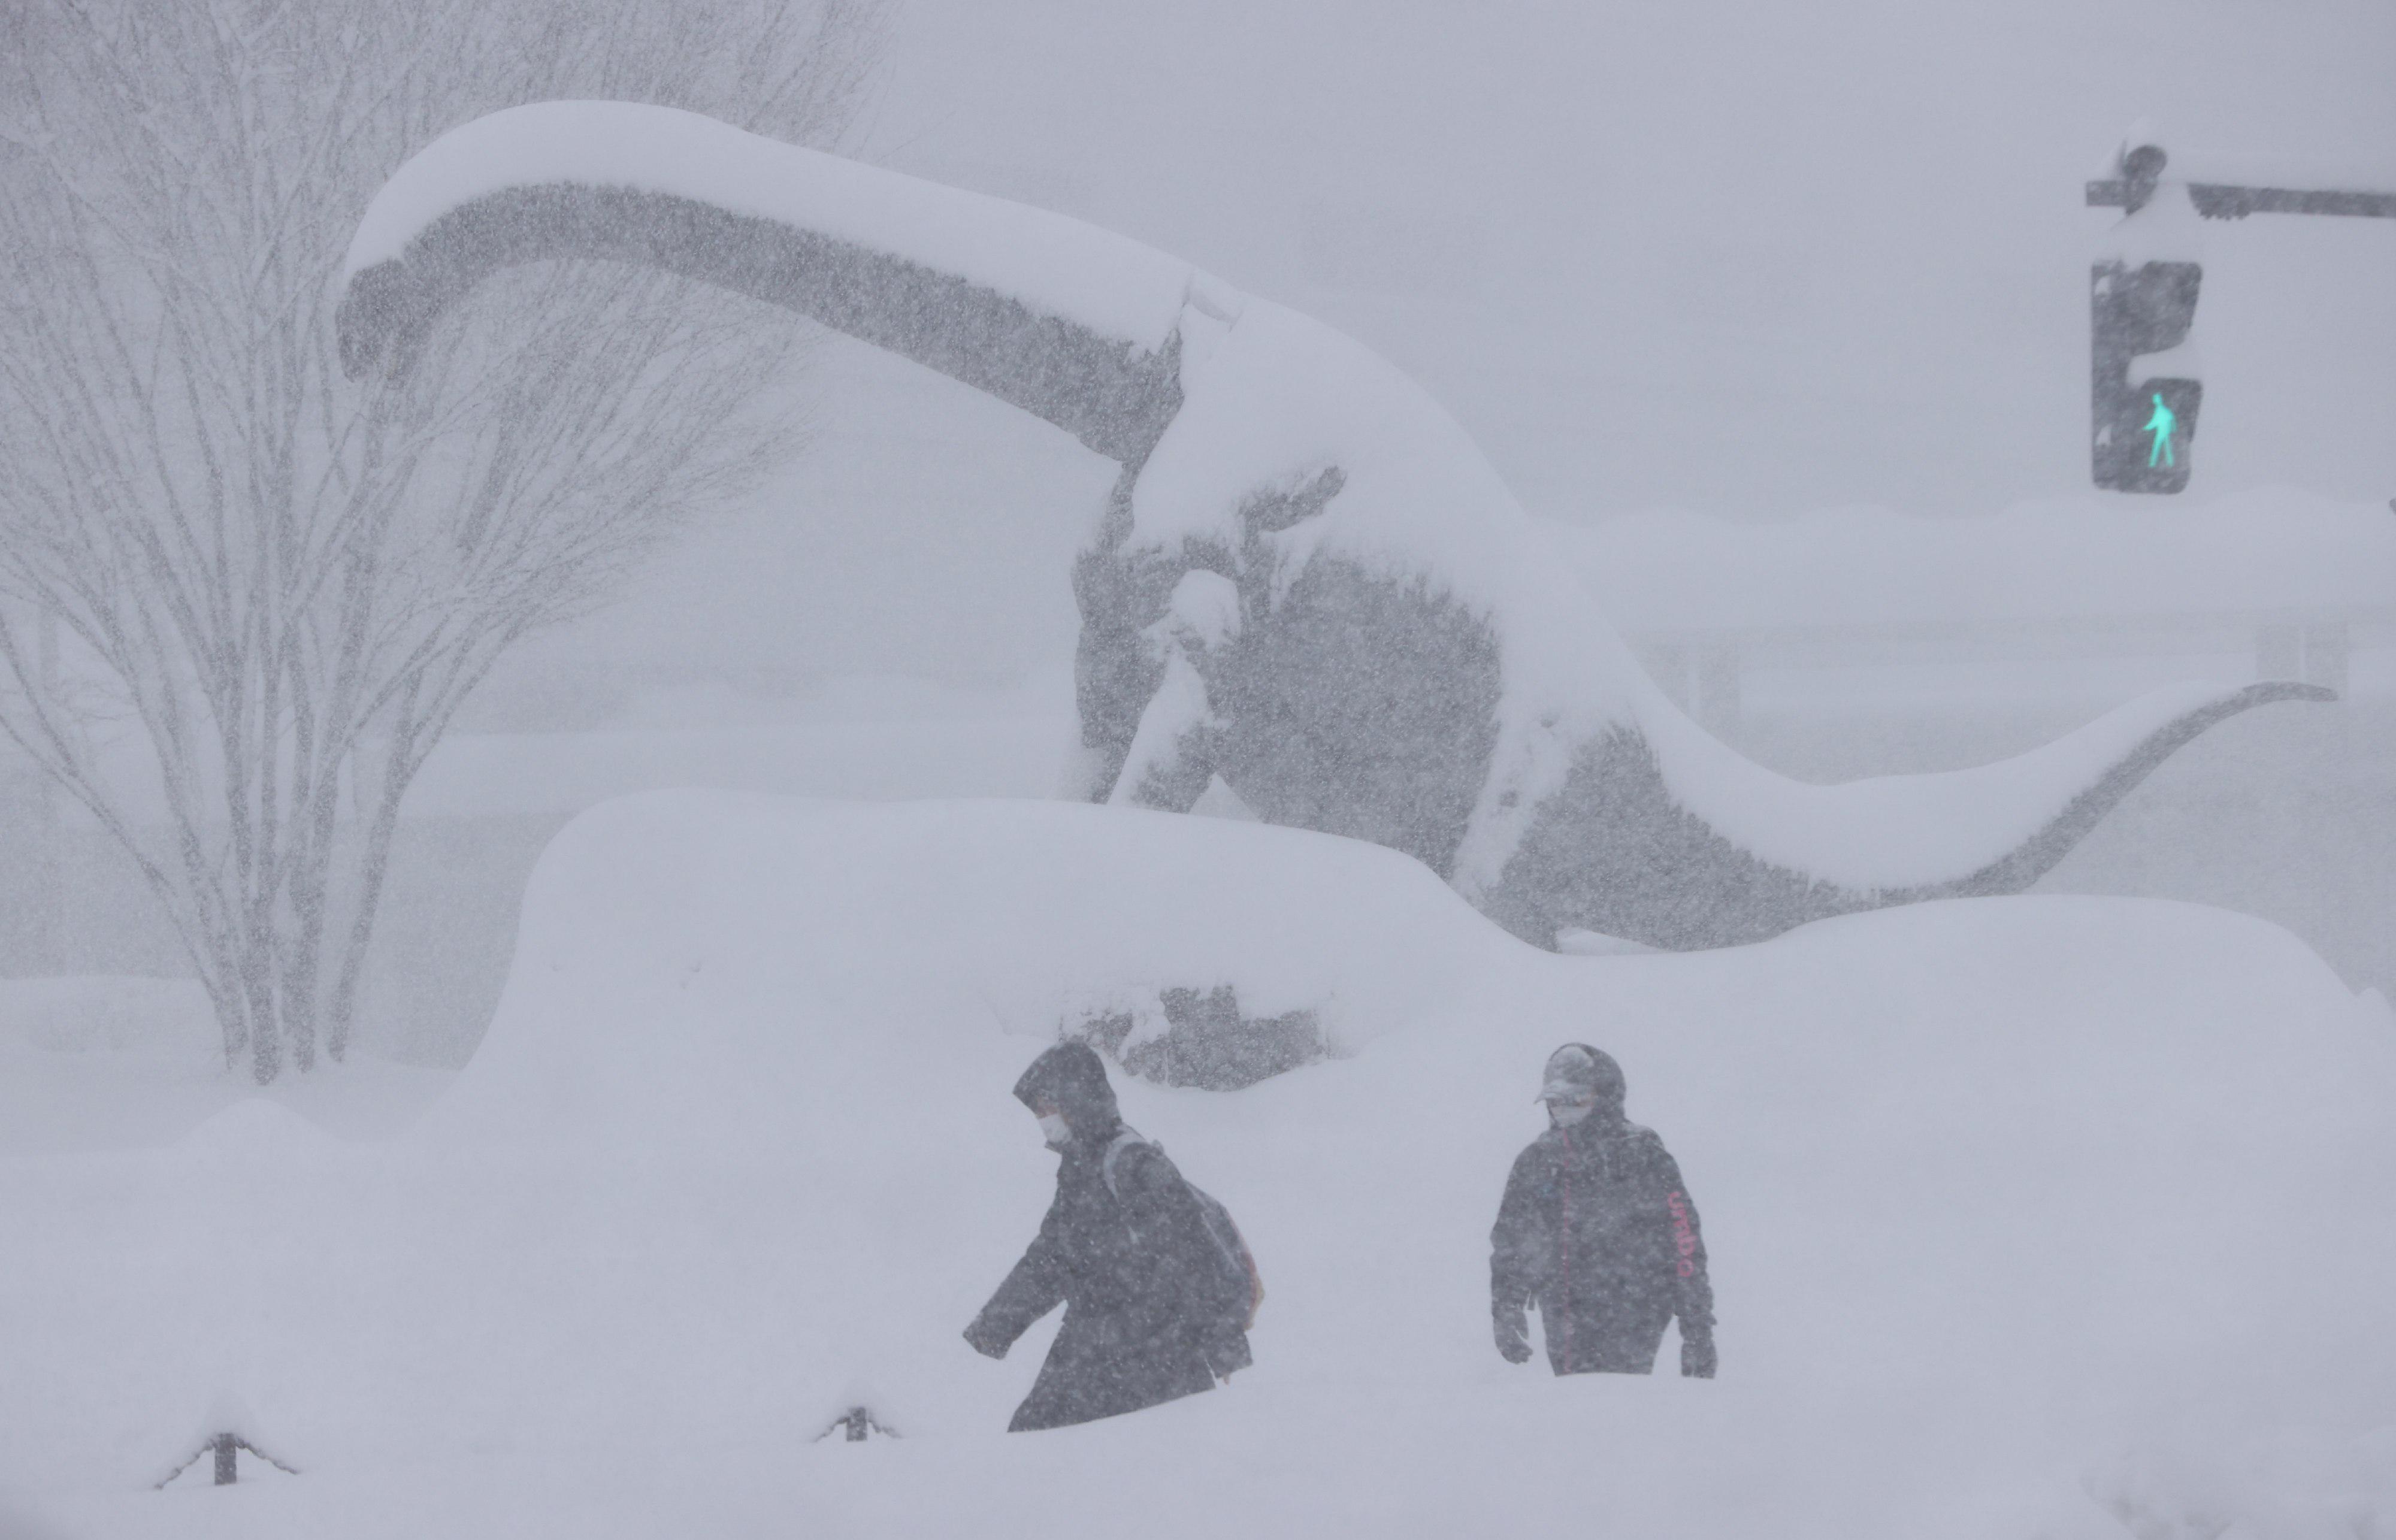 Halálos áldozatot követelt a japán hóvihar